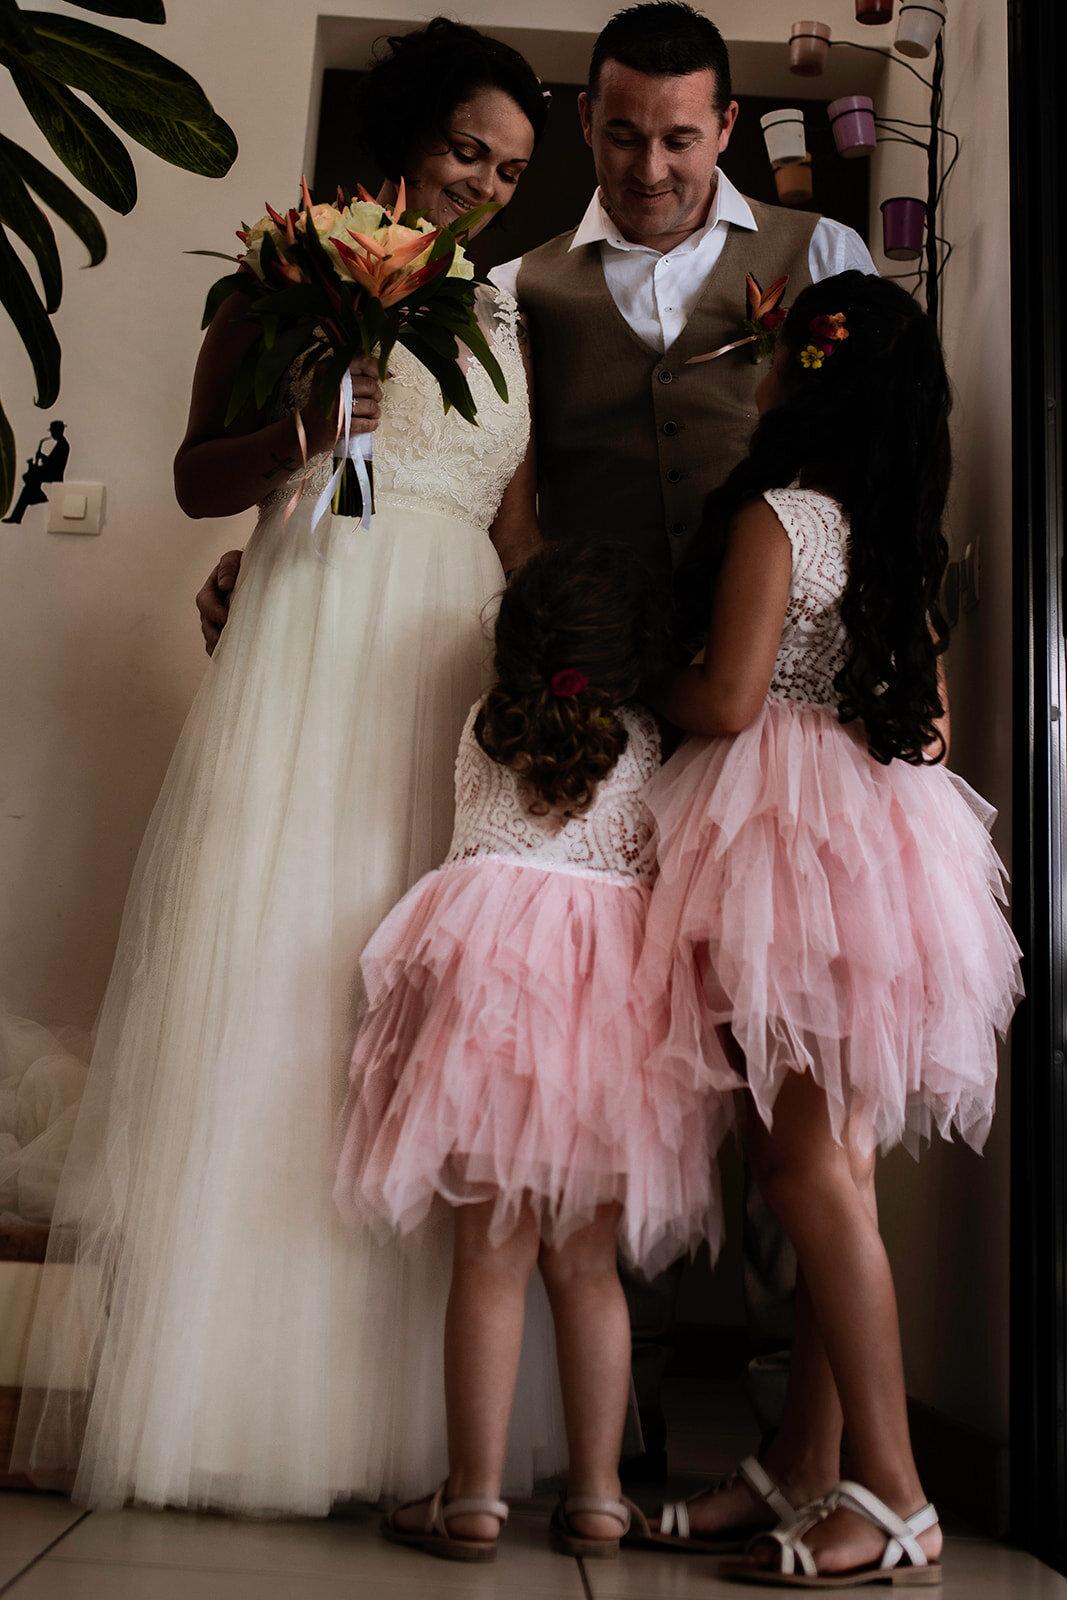 Organisation renouvellement des voeux A et S _ MRevenement wedding planner à la Réunion (3).jpg